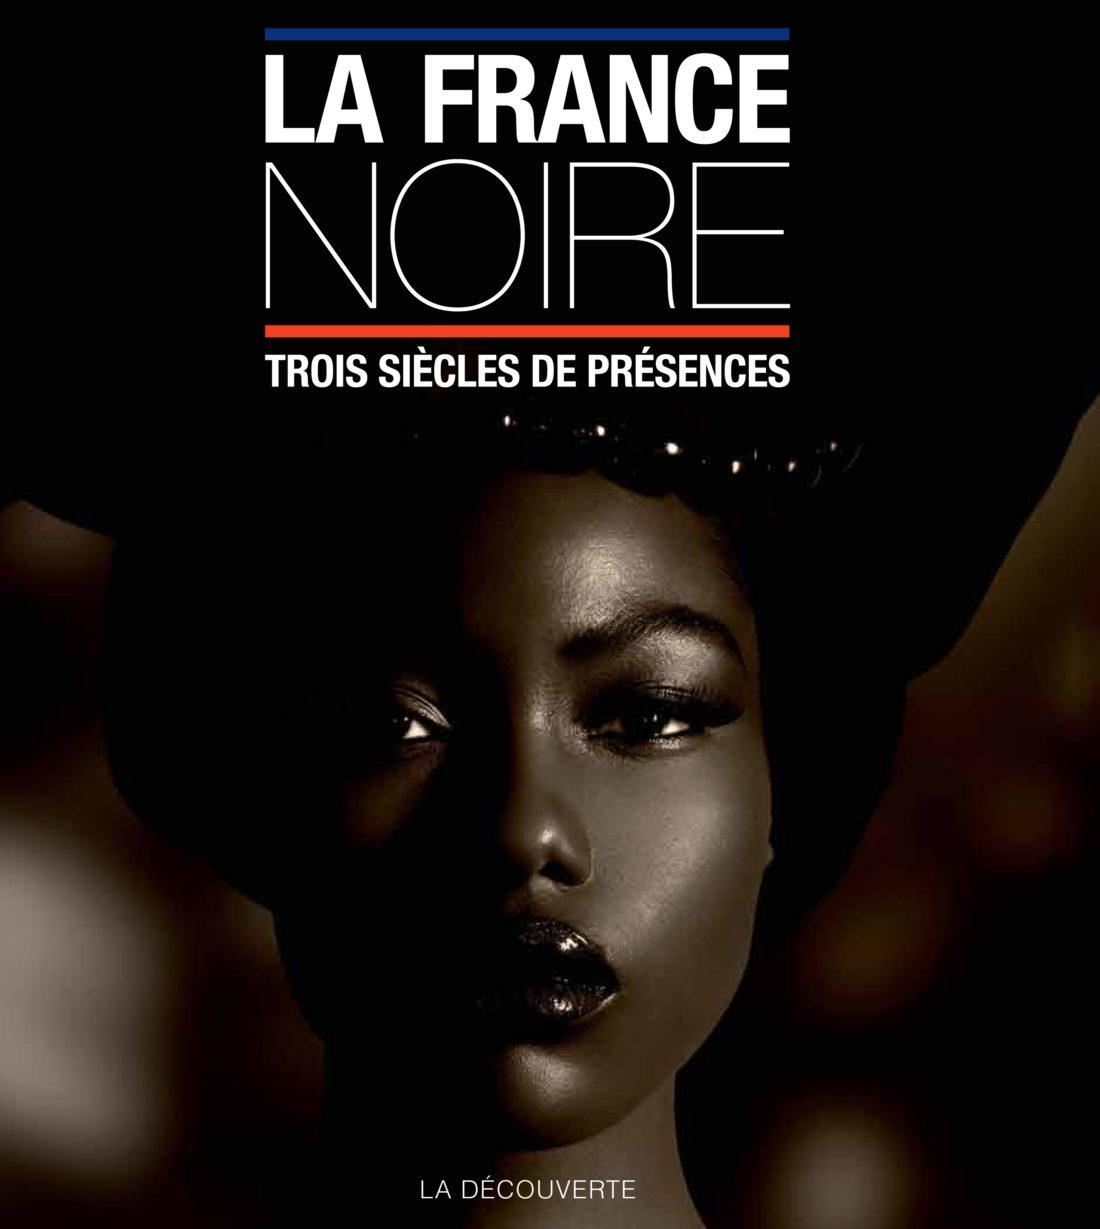 Couverture du livre La France noire